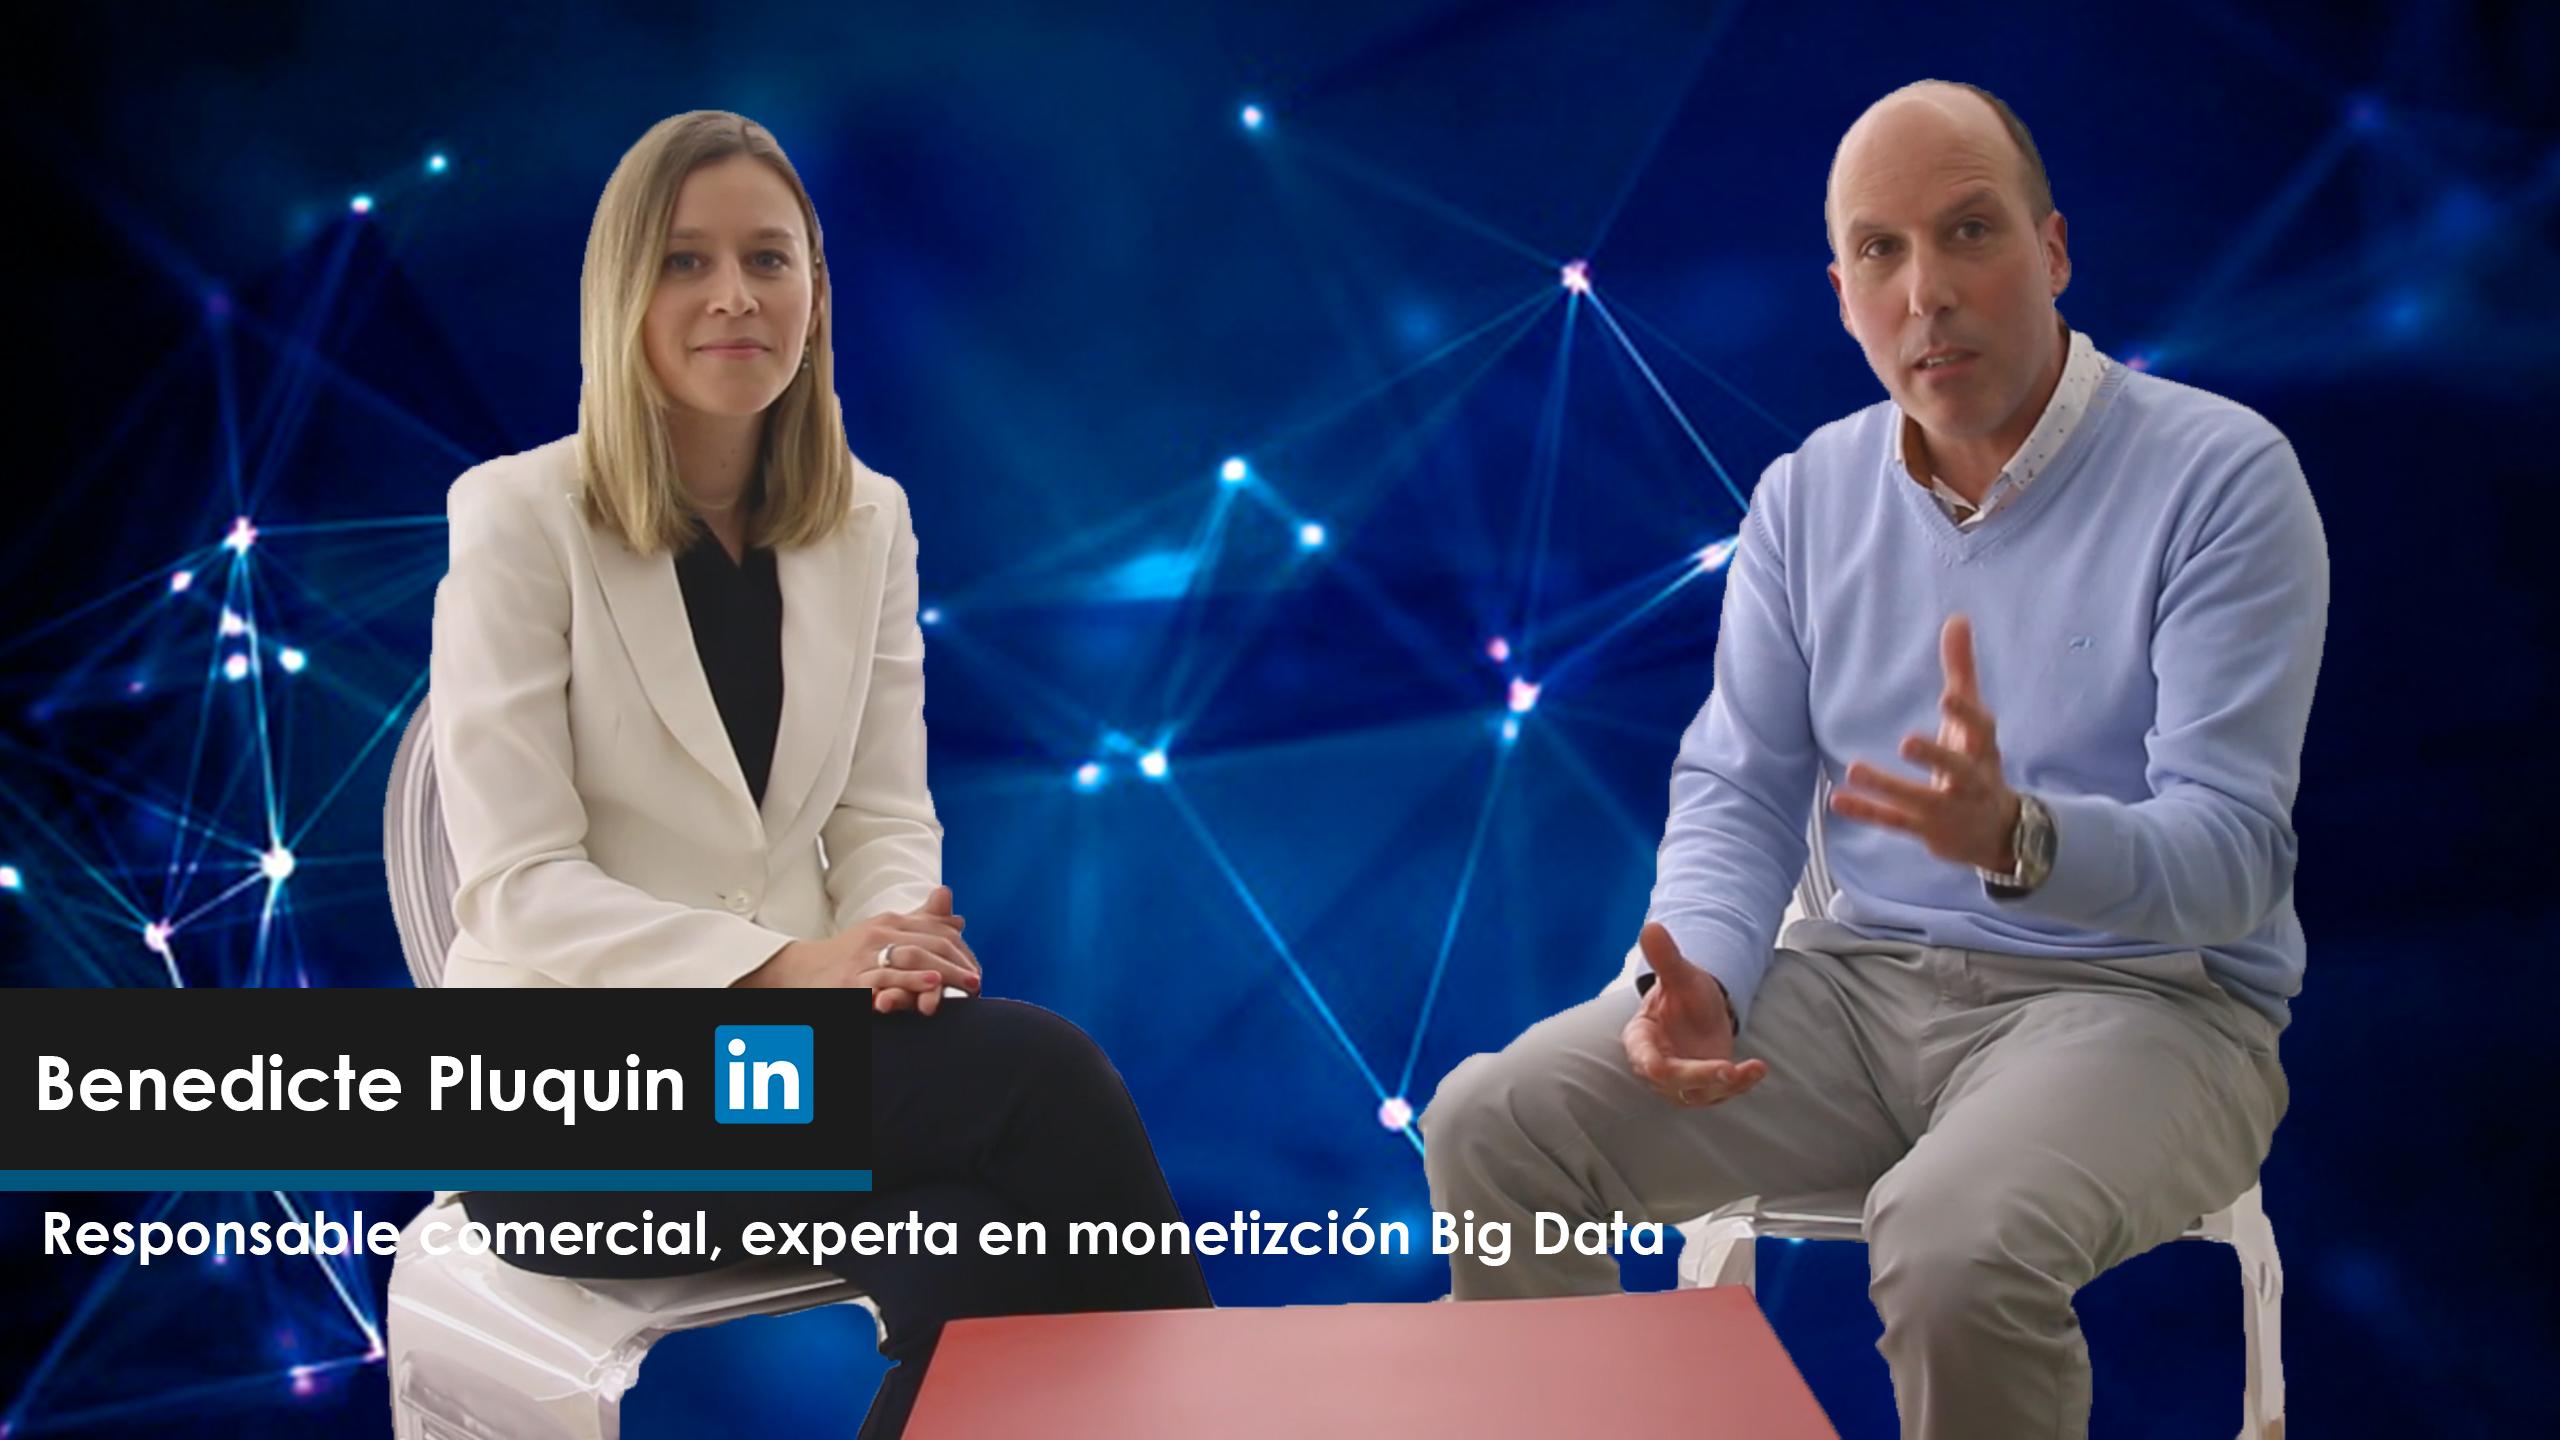 #entrevistandoaprofesionales Benedicte Pluquin